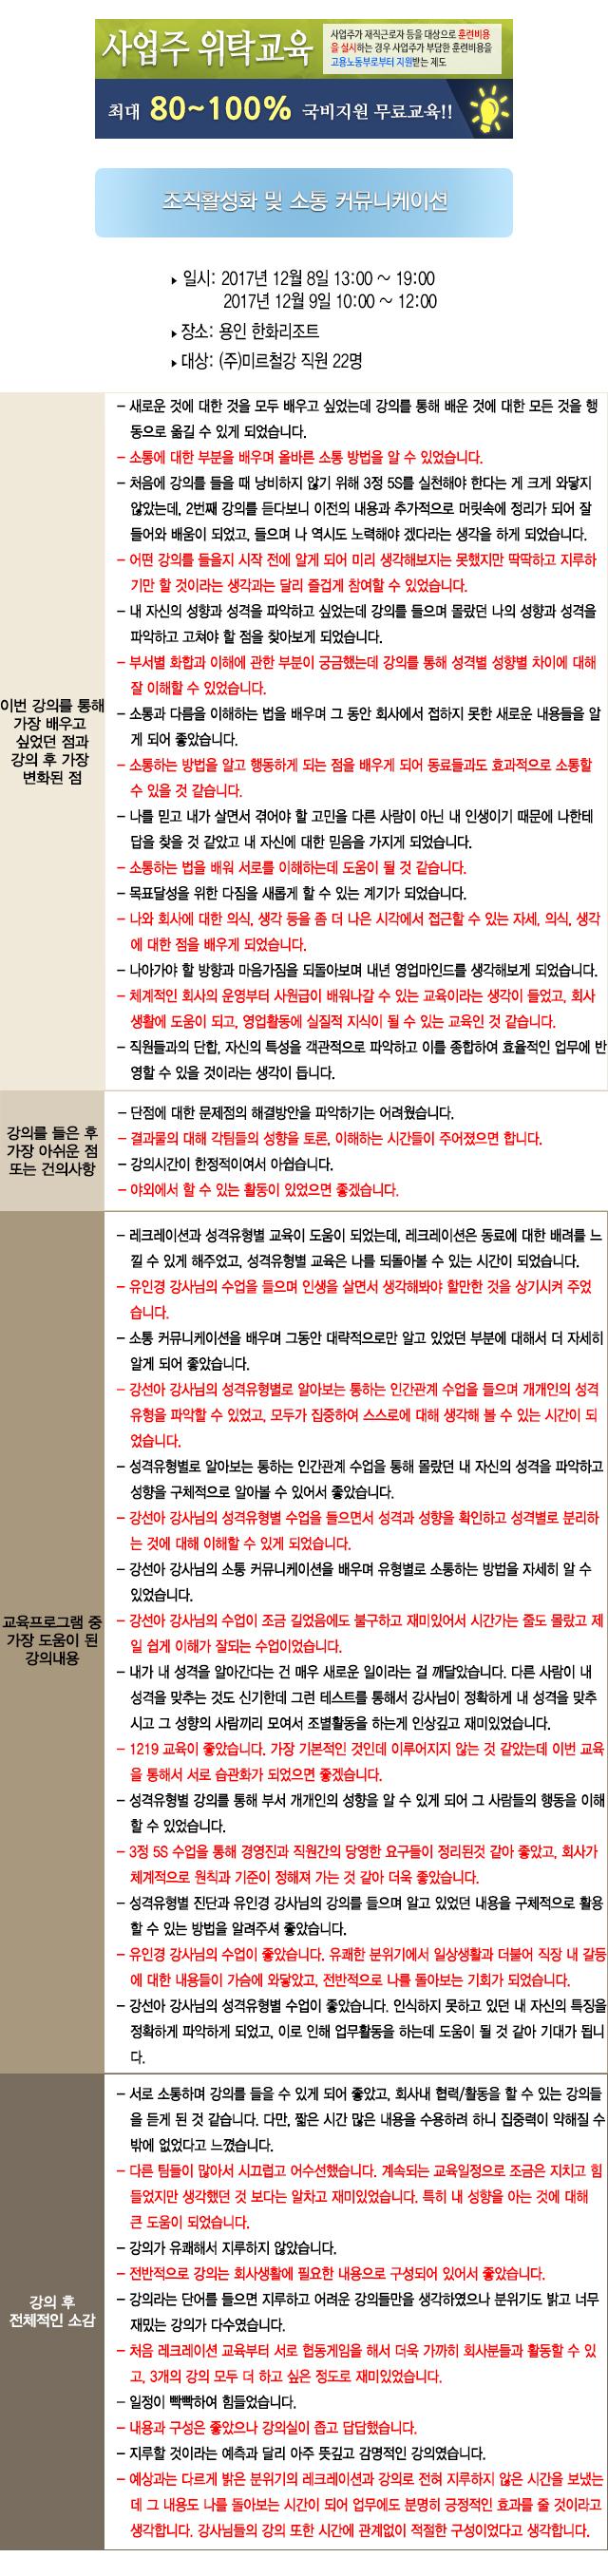 한국중앙인재개발원 후기 미르철강.jpg